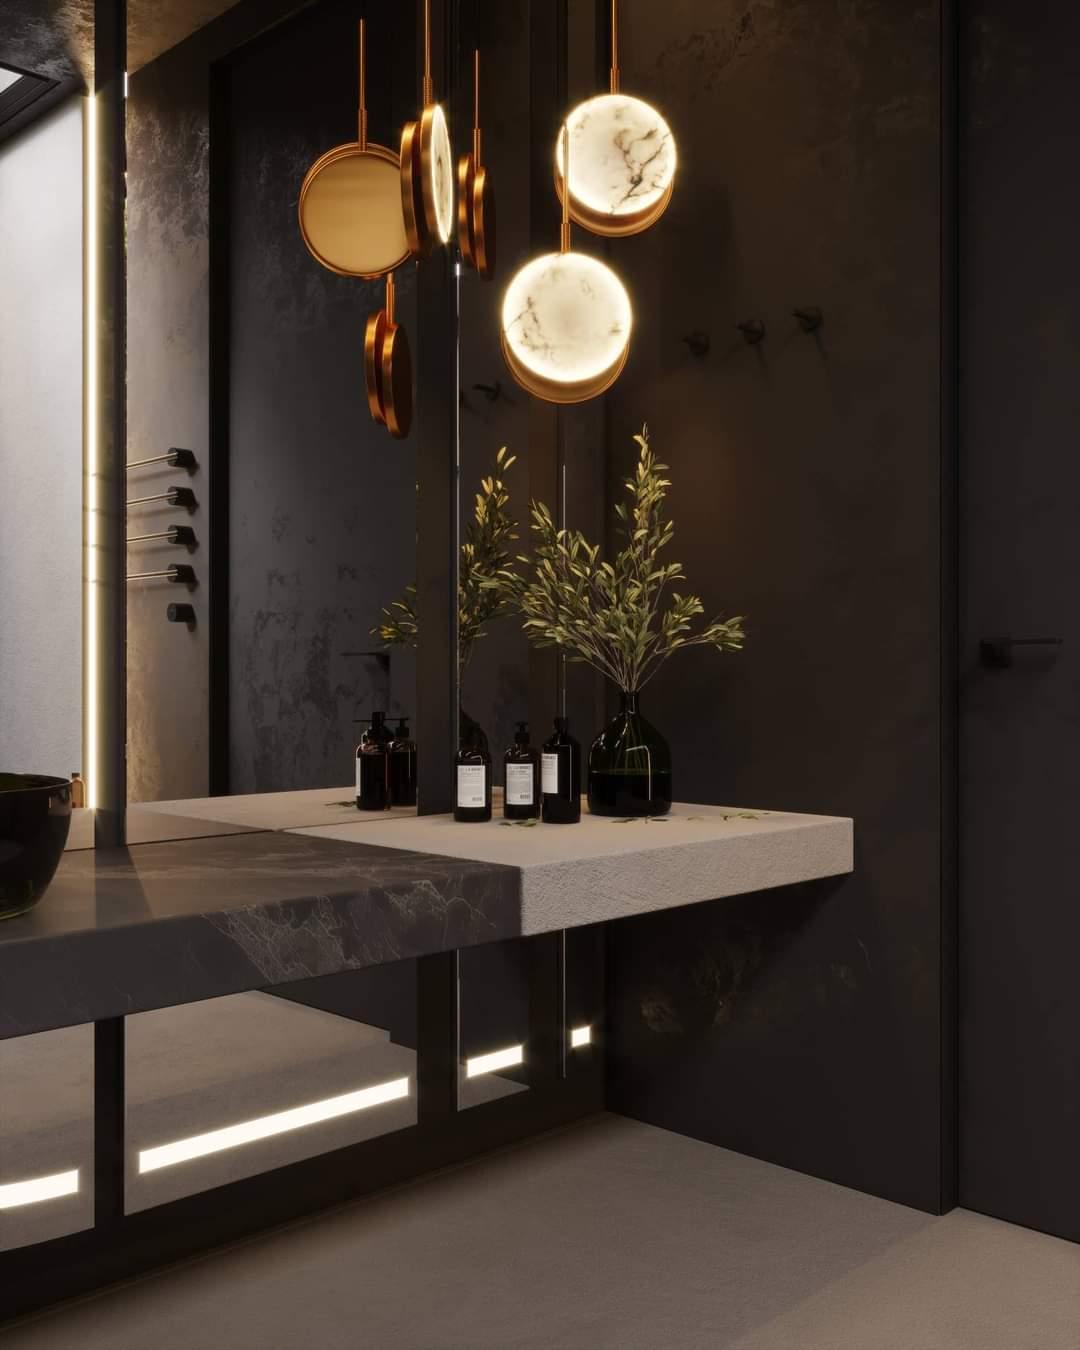 Beautiful Bathroom Set Up - Source: Kireevaaanna